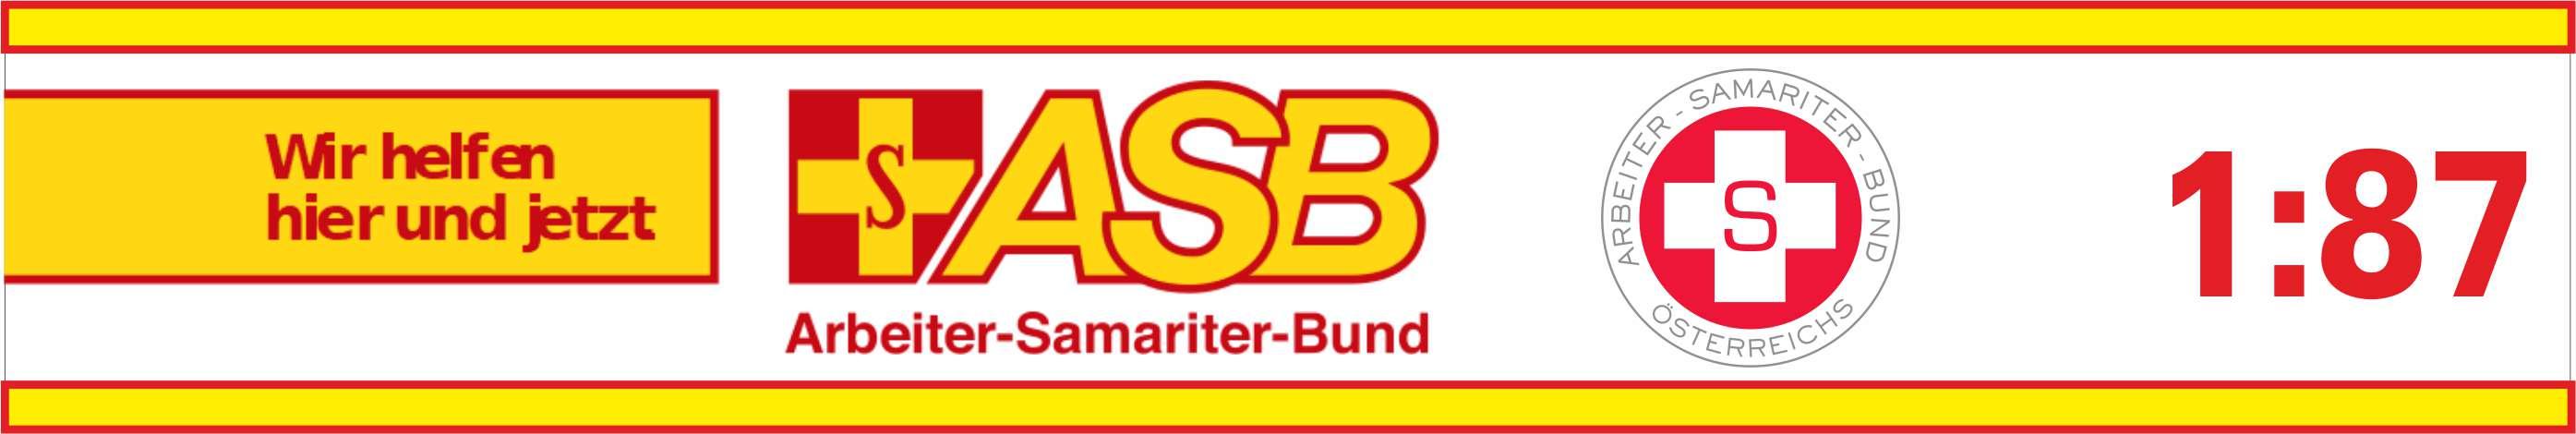 M O D E L L E   -   ASB